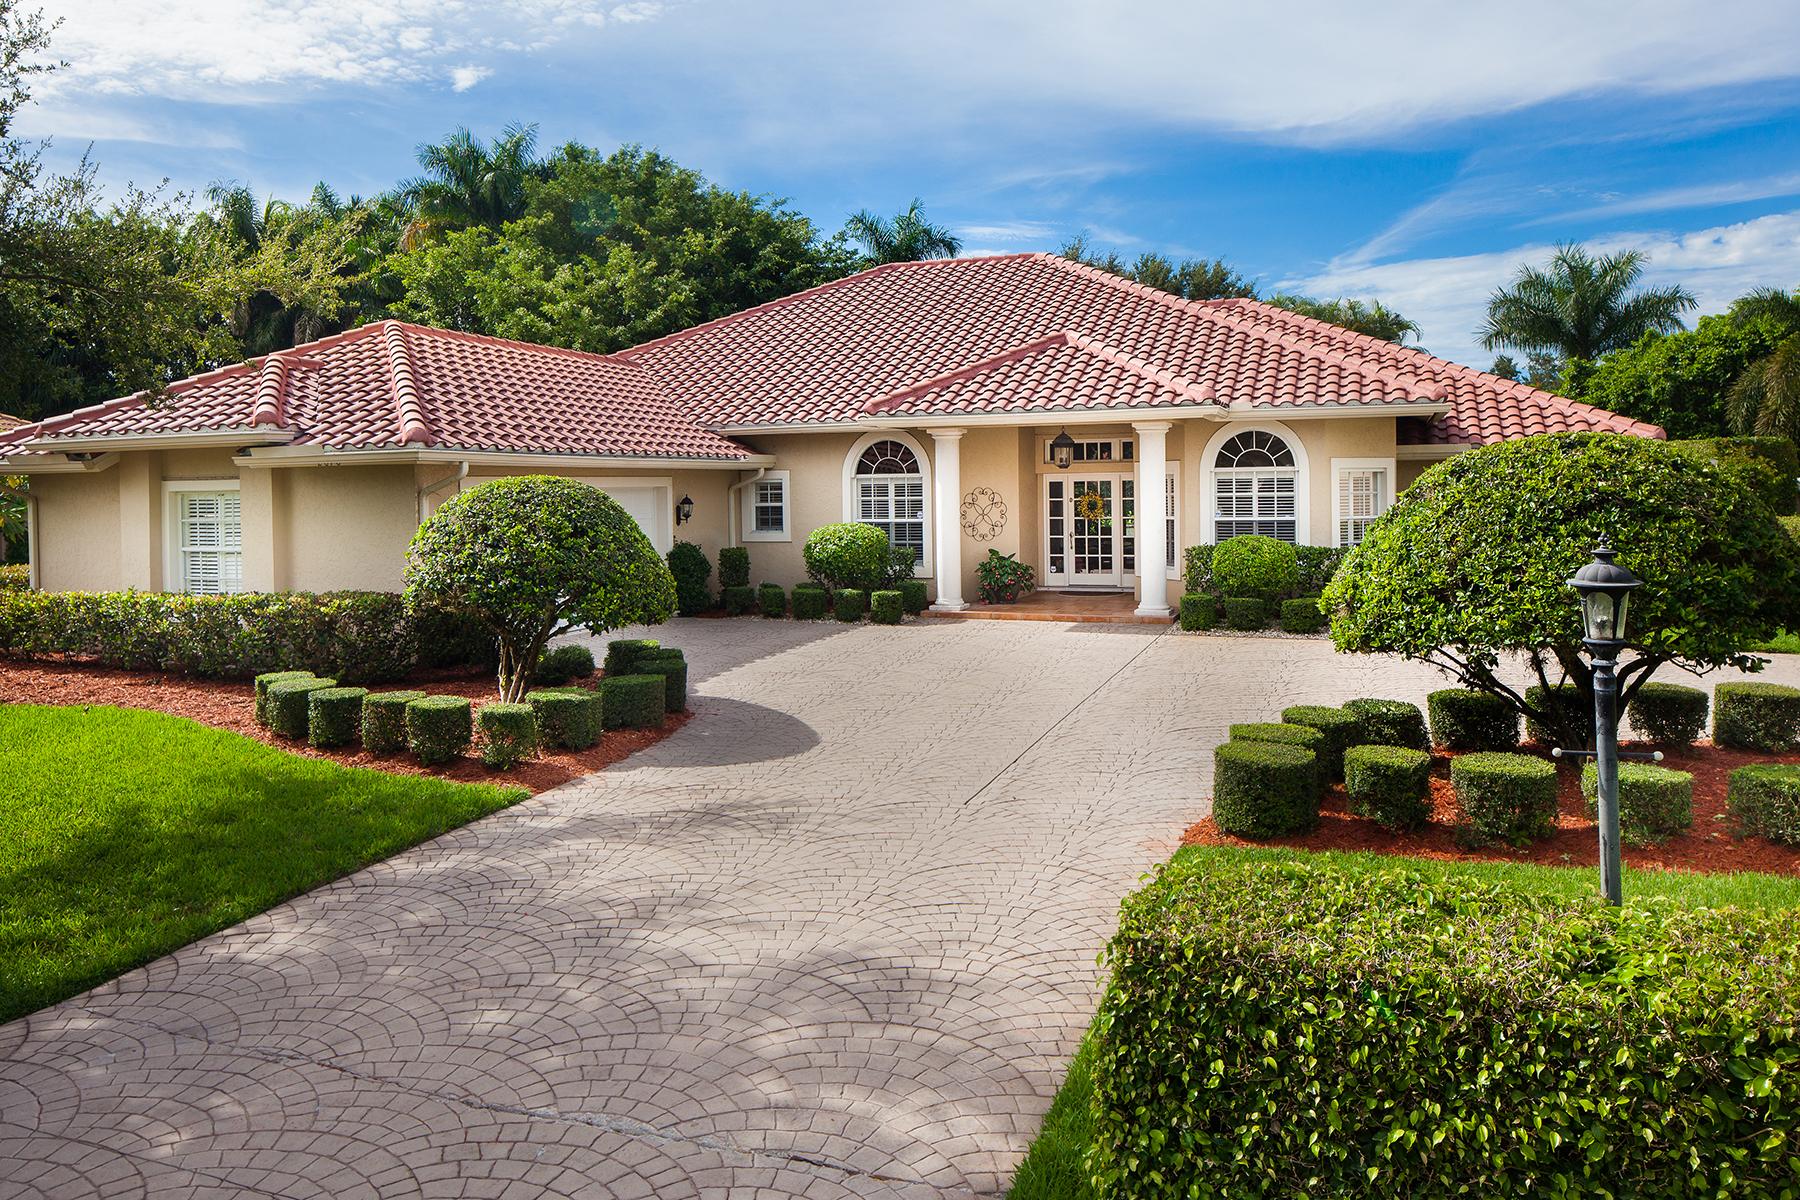 Maison unifamiliale pour l Vente à MONTEREY 2070 Mission Dr Naples, Florida 34109 États-Unis